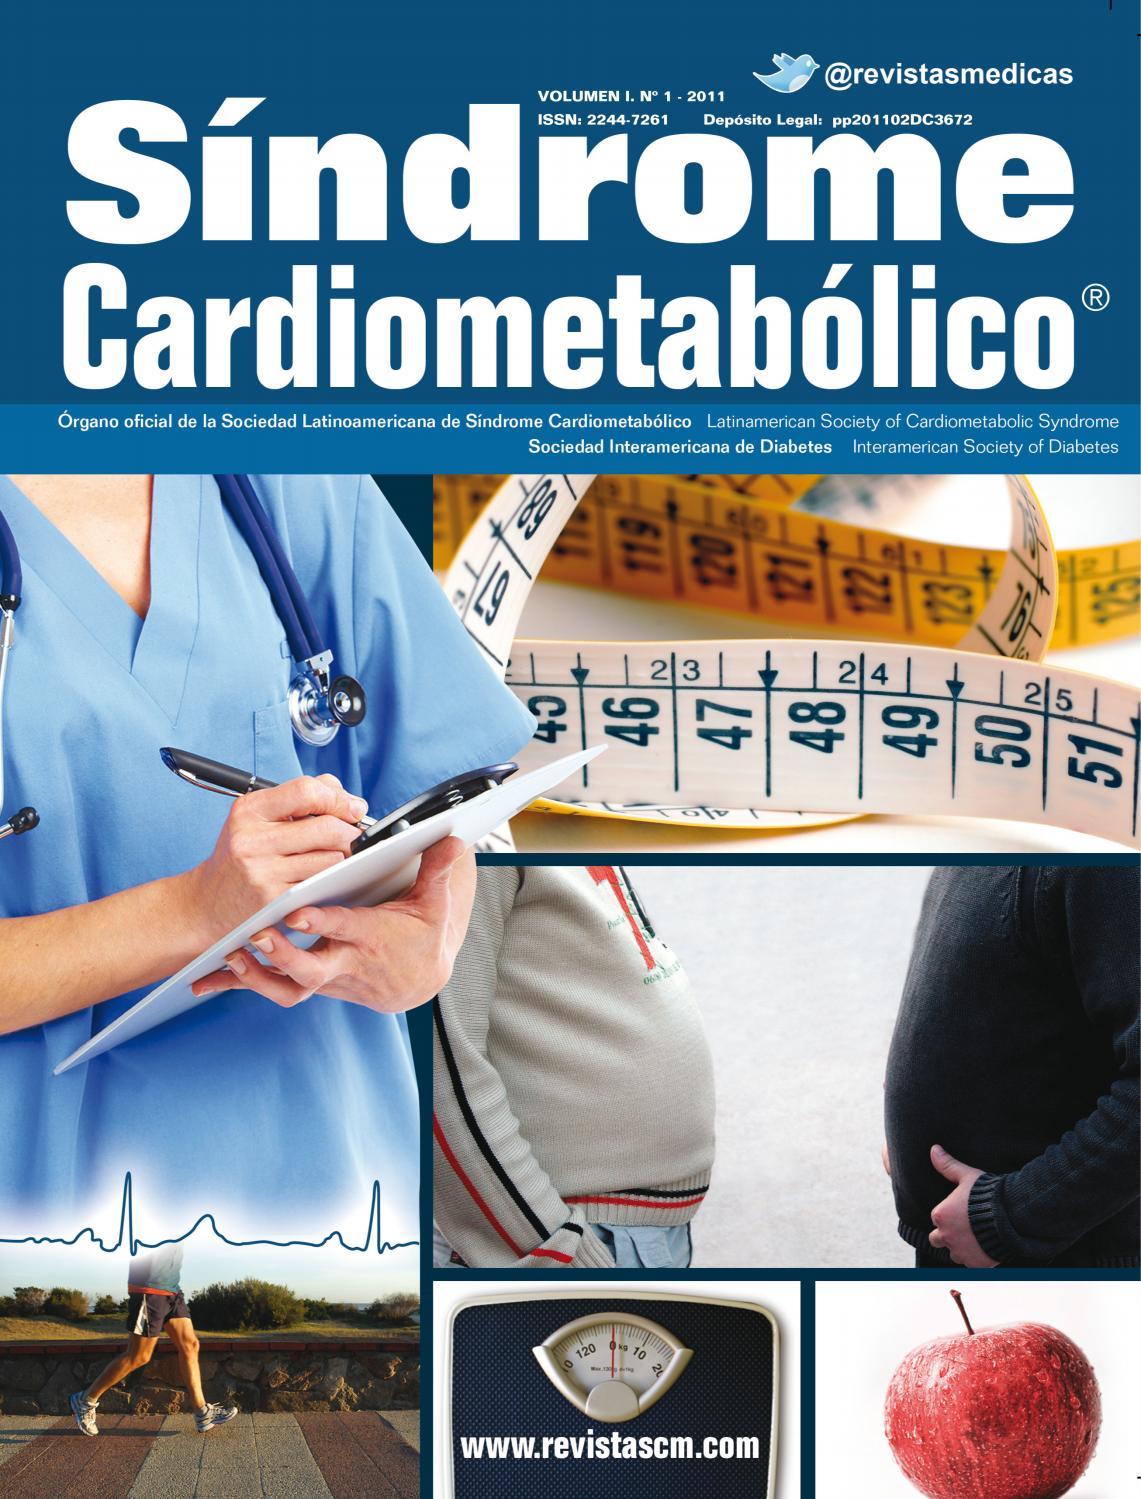 ccs suministros médicos diabetes número de contacto